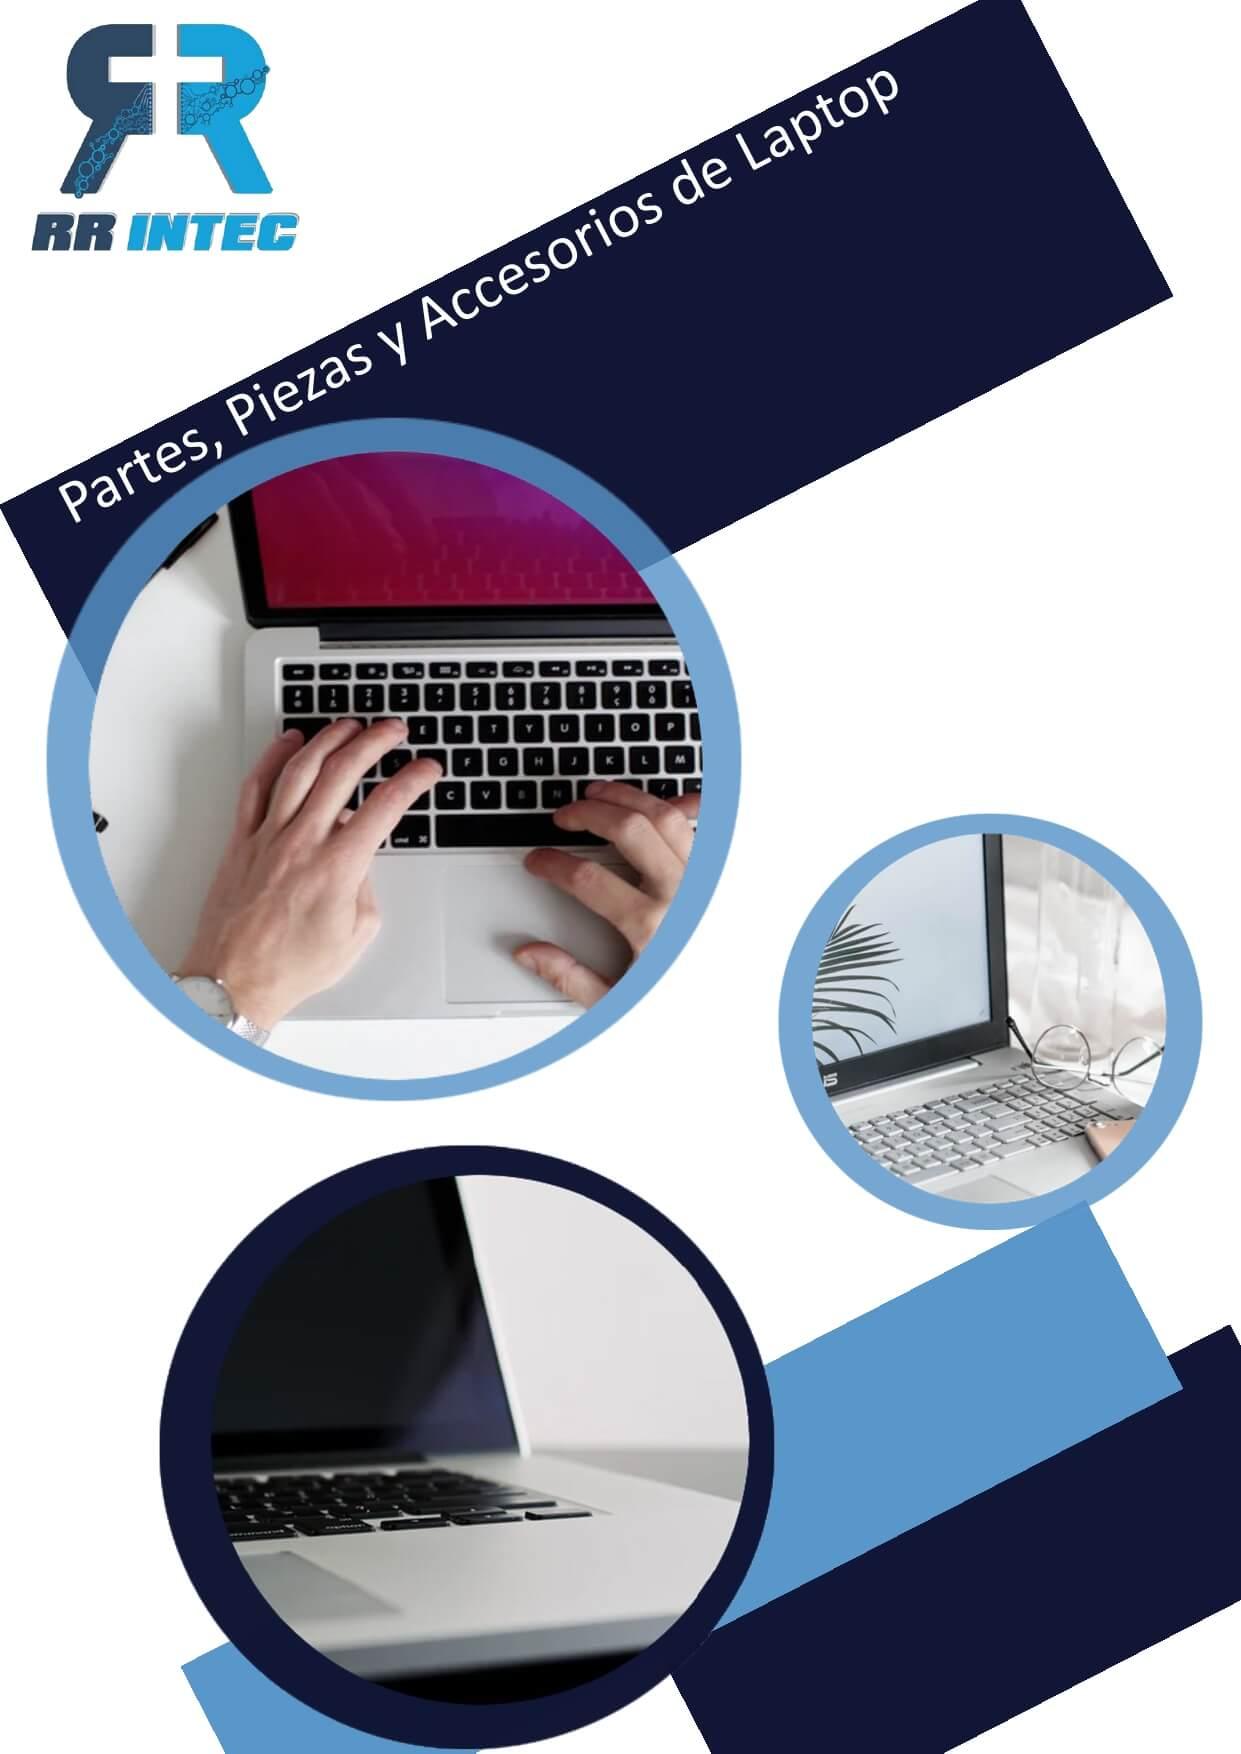 07. Partes, piezas y accesorios de laptop